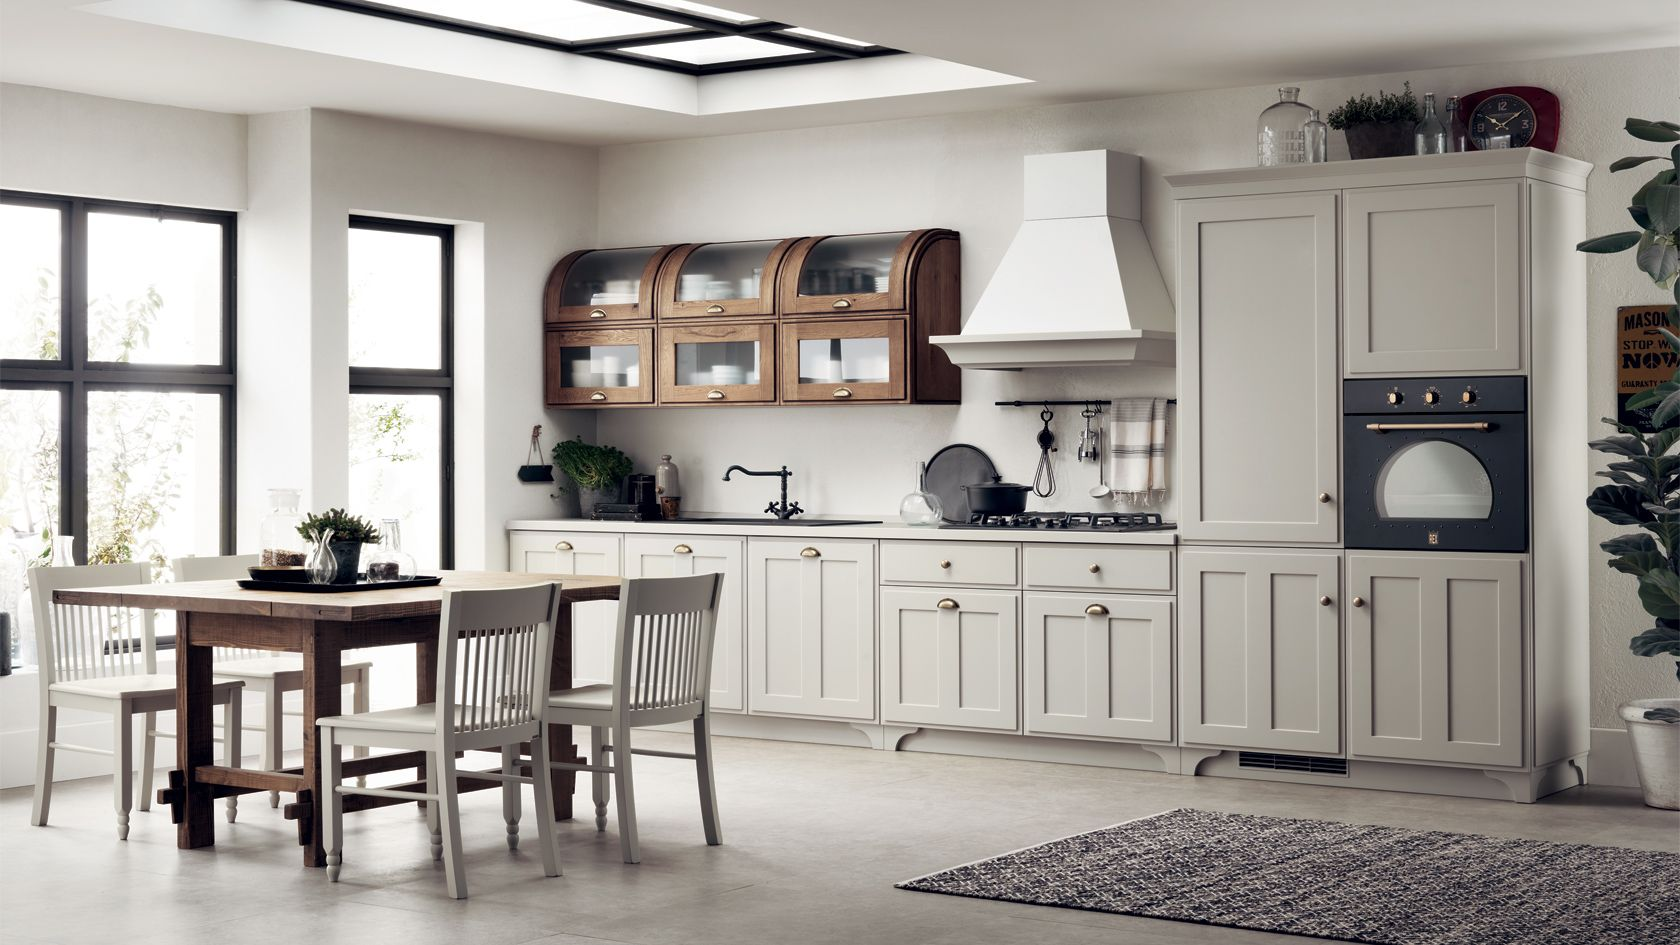 scavolini favilla | cuisines-kitchen | pinterest | wall cabinets, Hause ideen